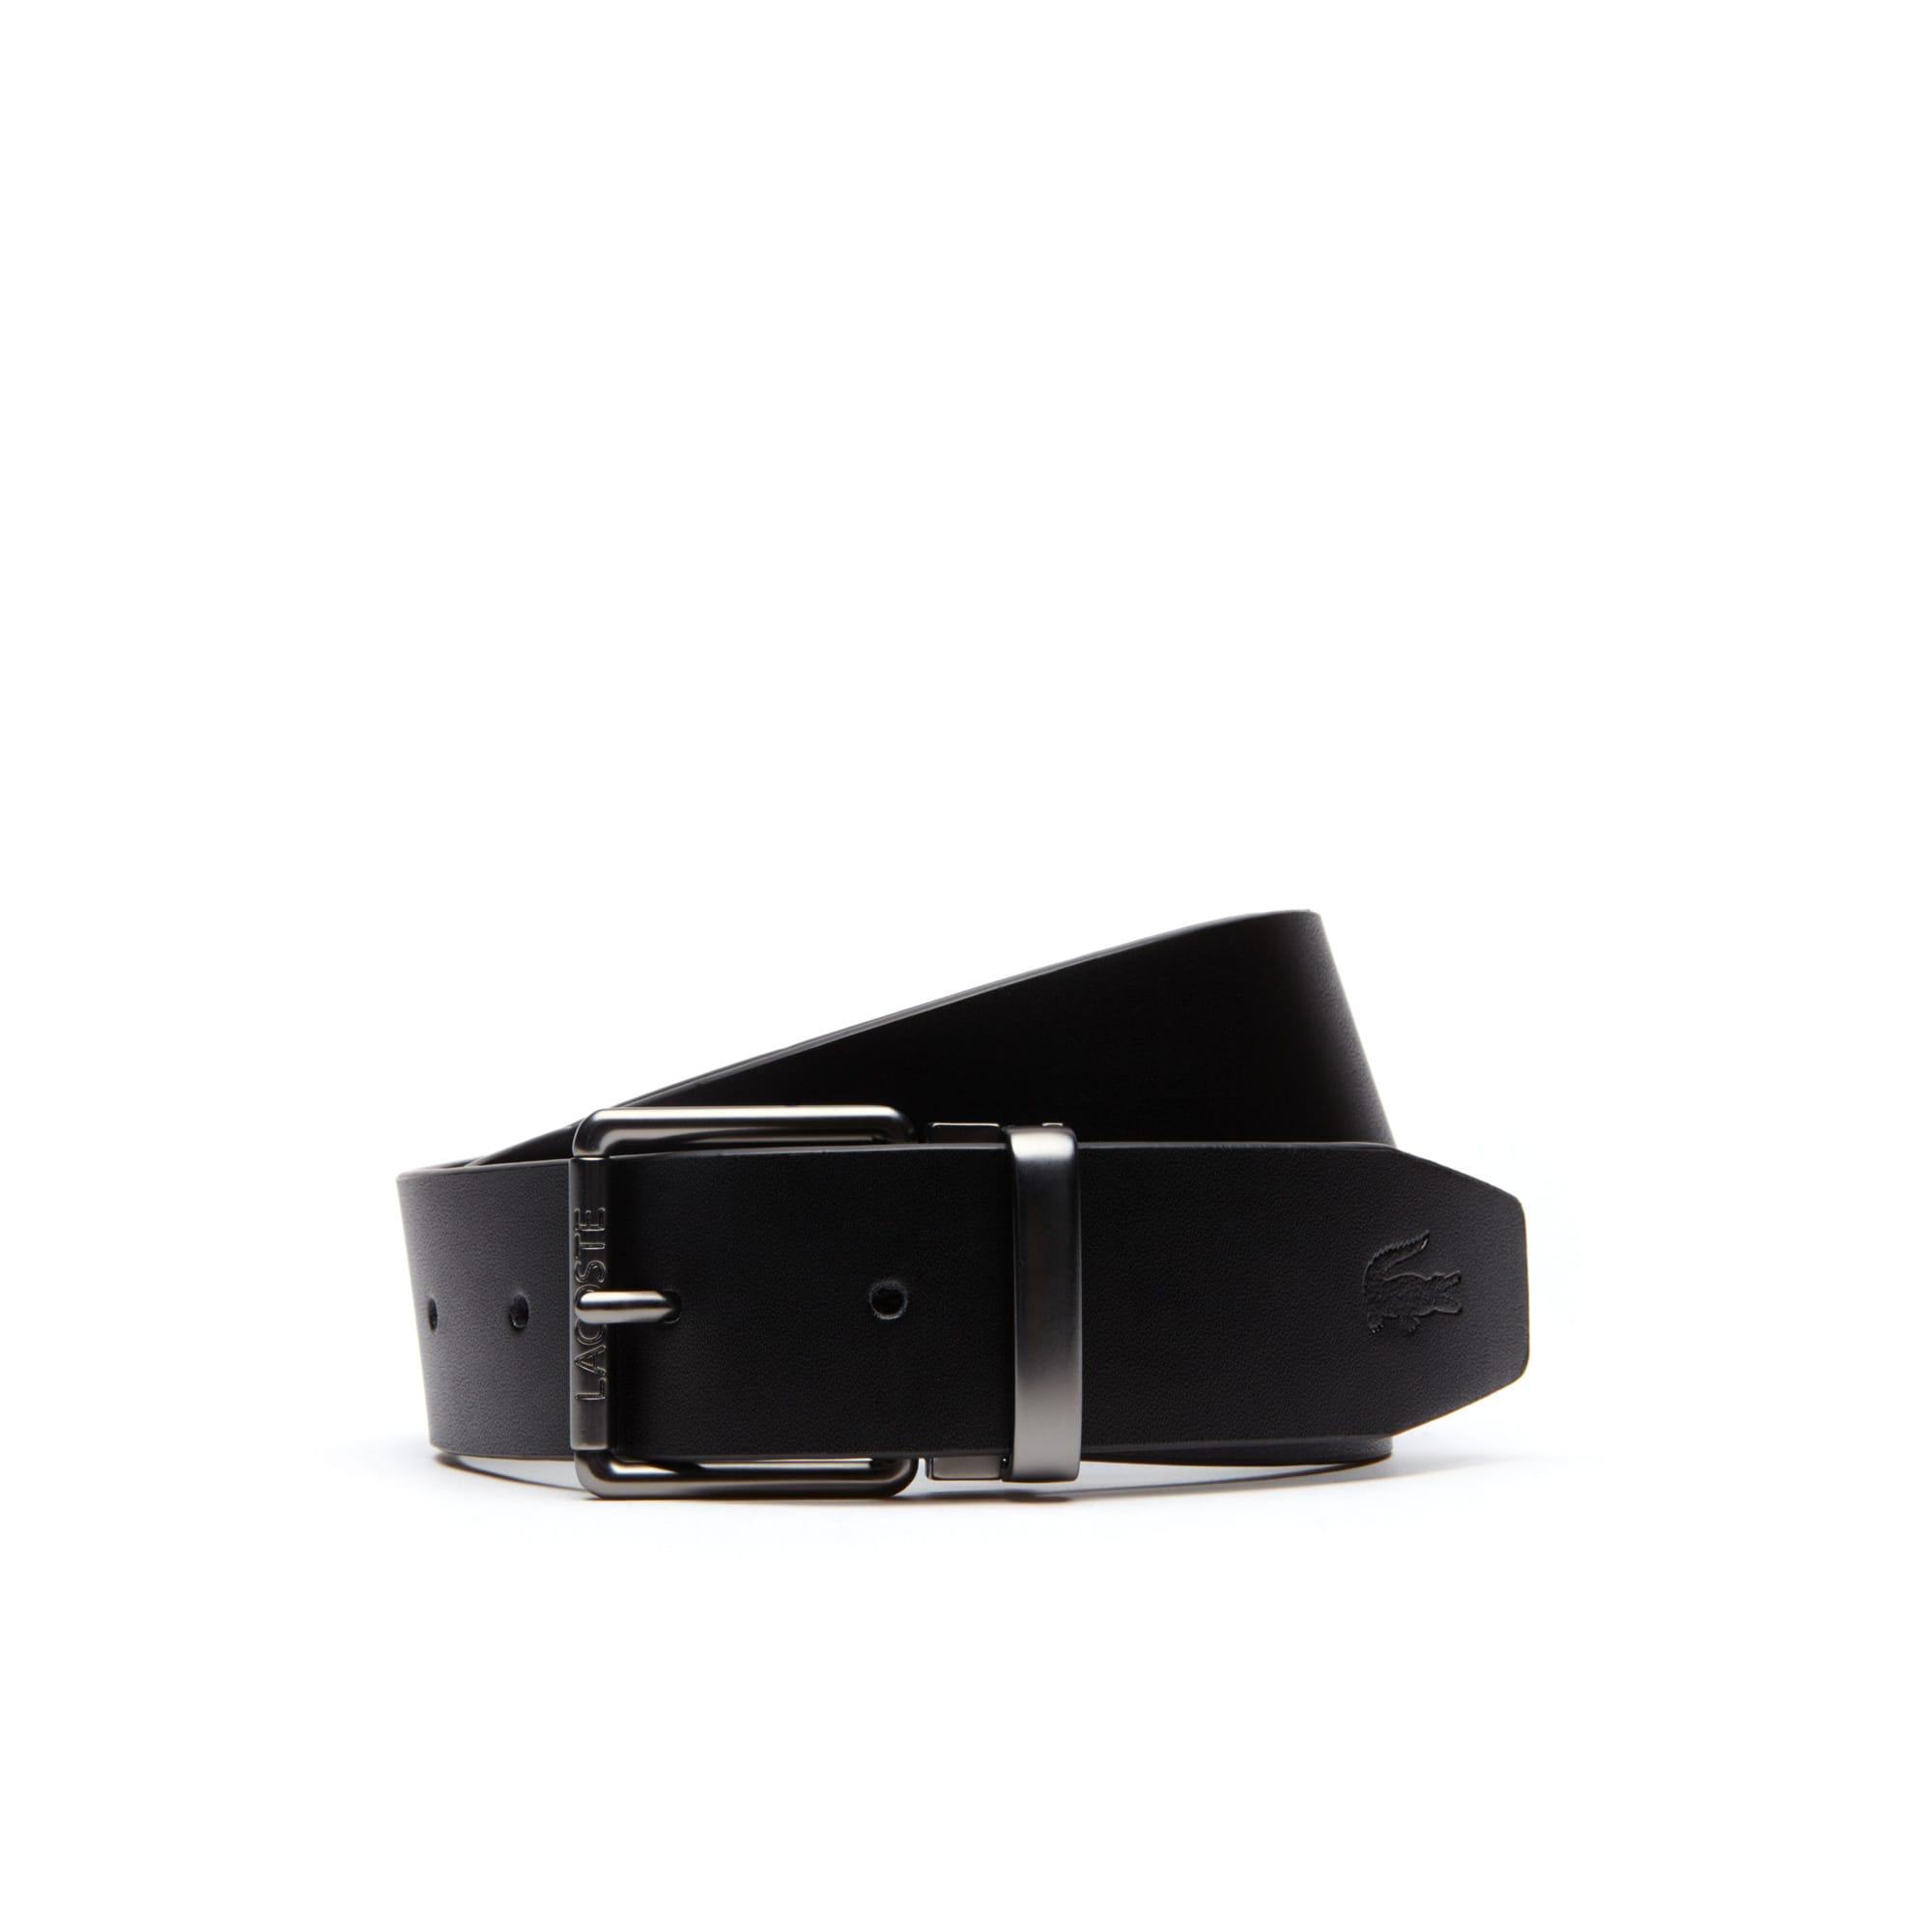 97715f1477cd Trousse de voyage 2 ceintures en cuir avec boucle et plaque